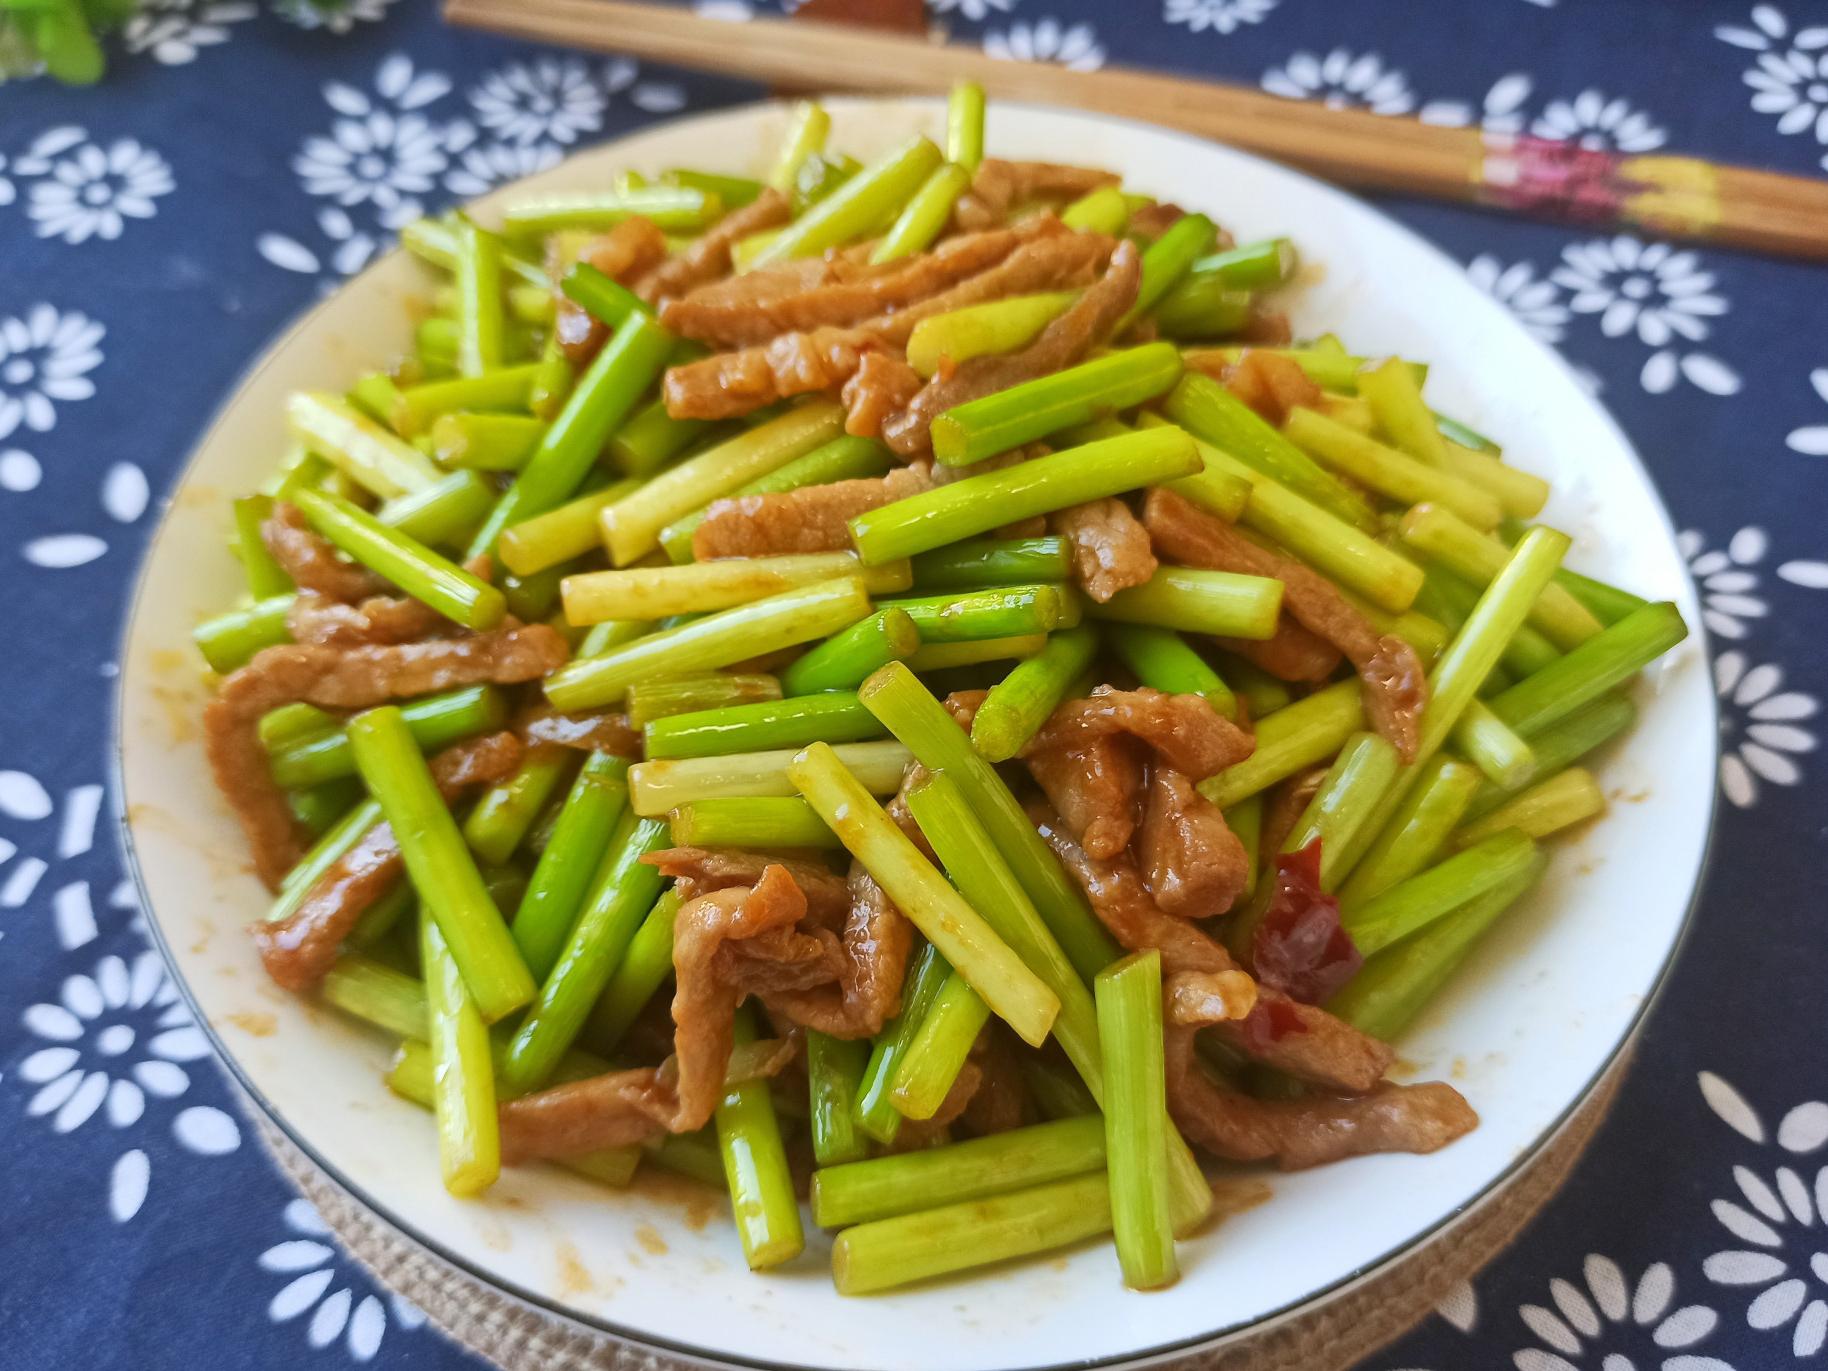 猪肉炒什么菜最好吃?分享5种不同的做法,鲜香美味,下酒又下饭